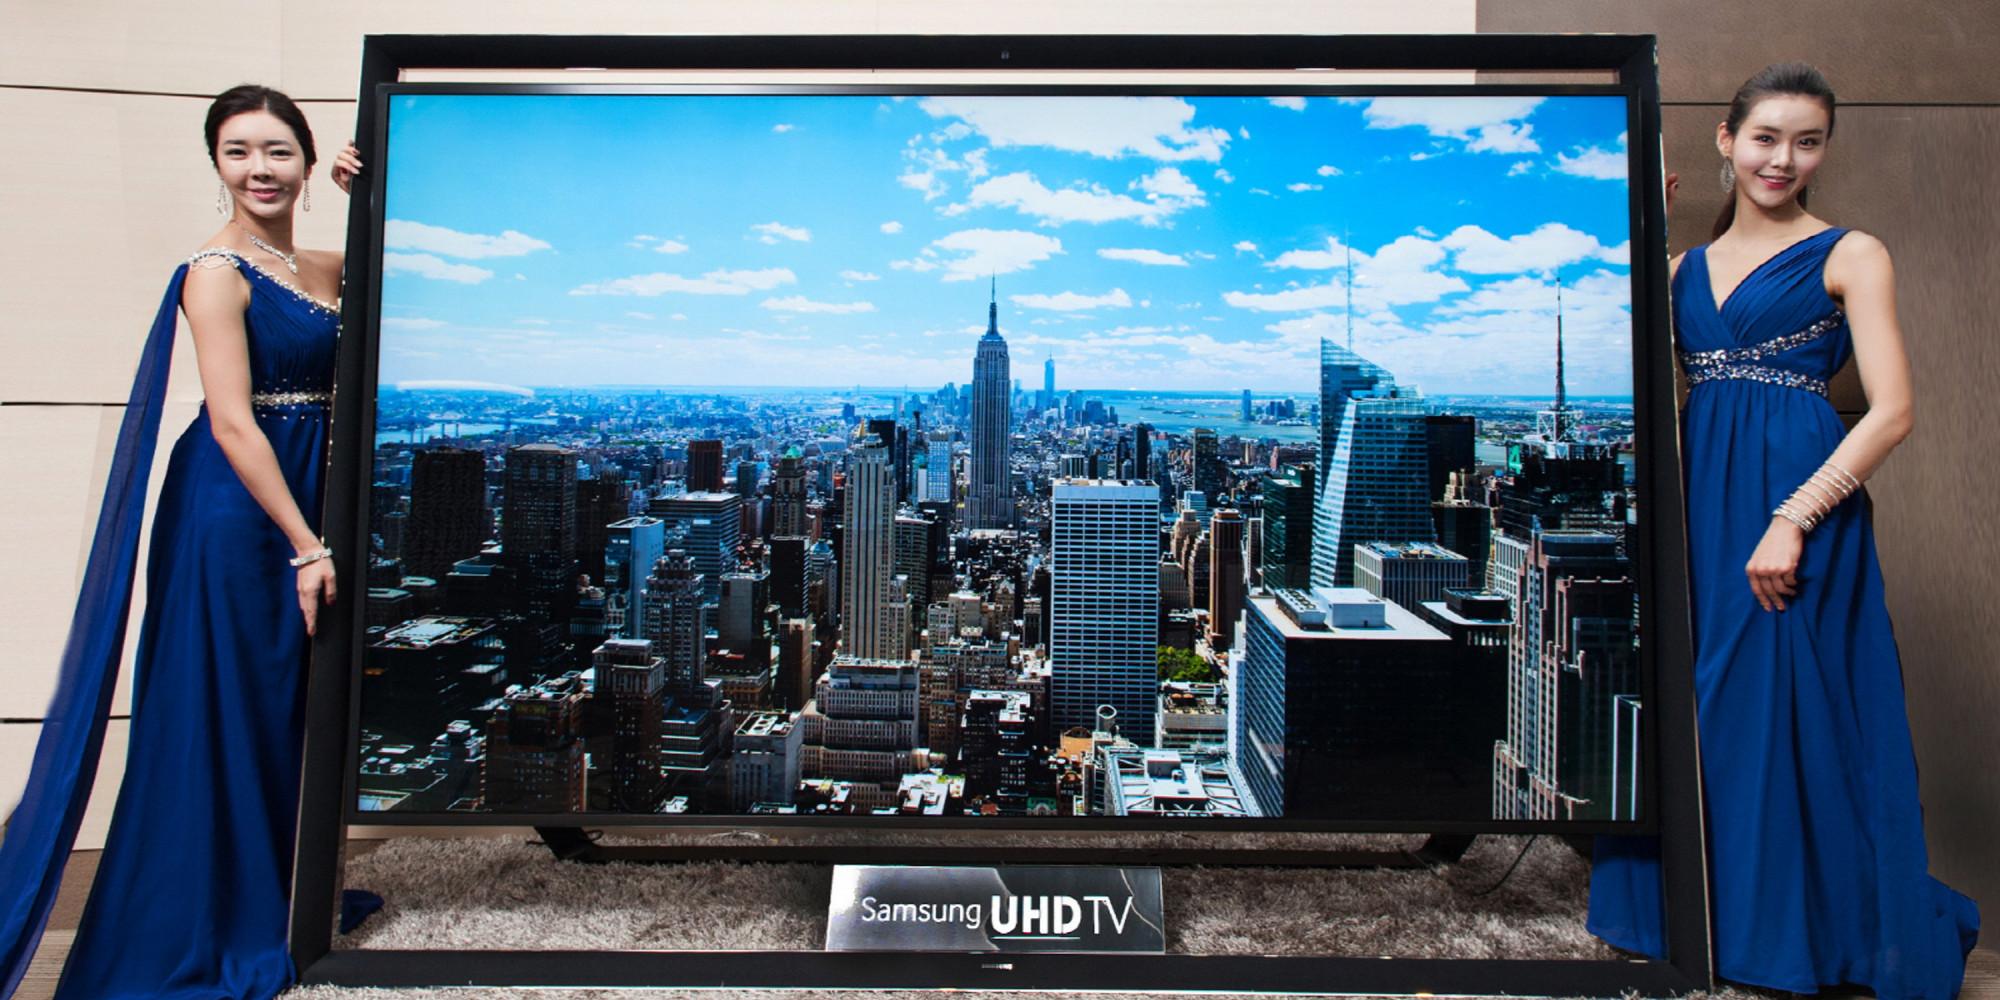 South Korea Samsung New TV